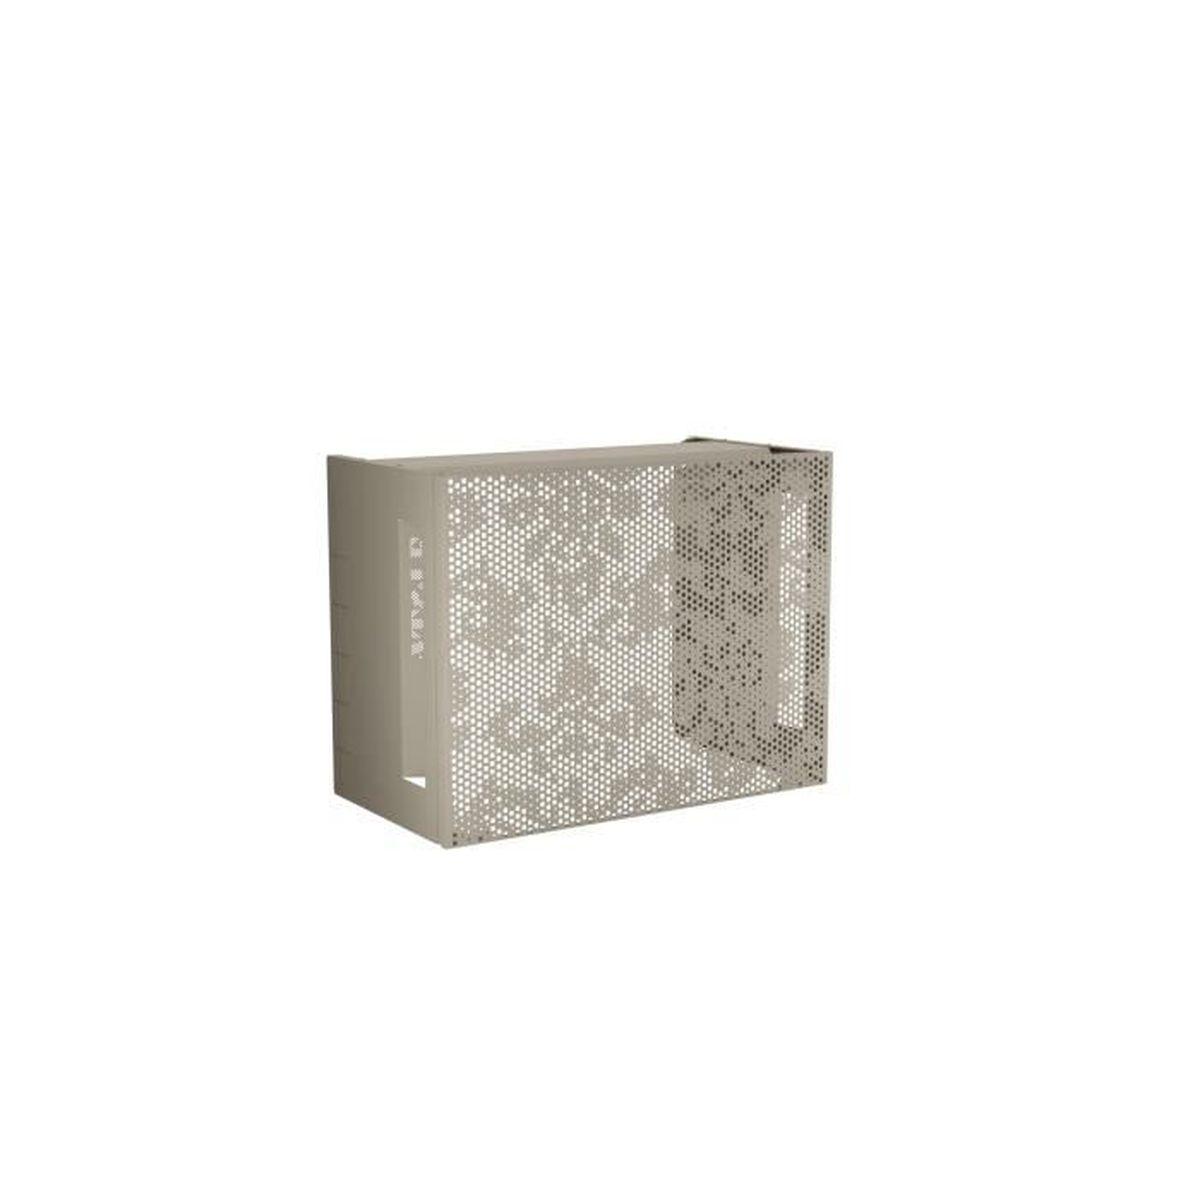 Cache Unité Extérieure Climatisation cache climatisation design en aluminium thermolaqué crème